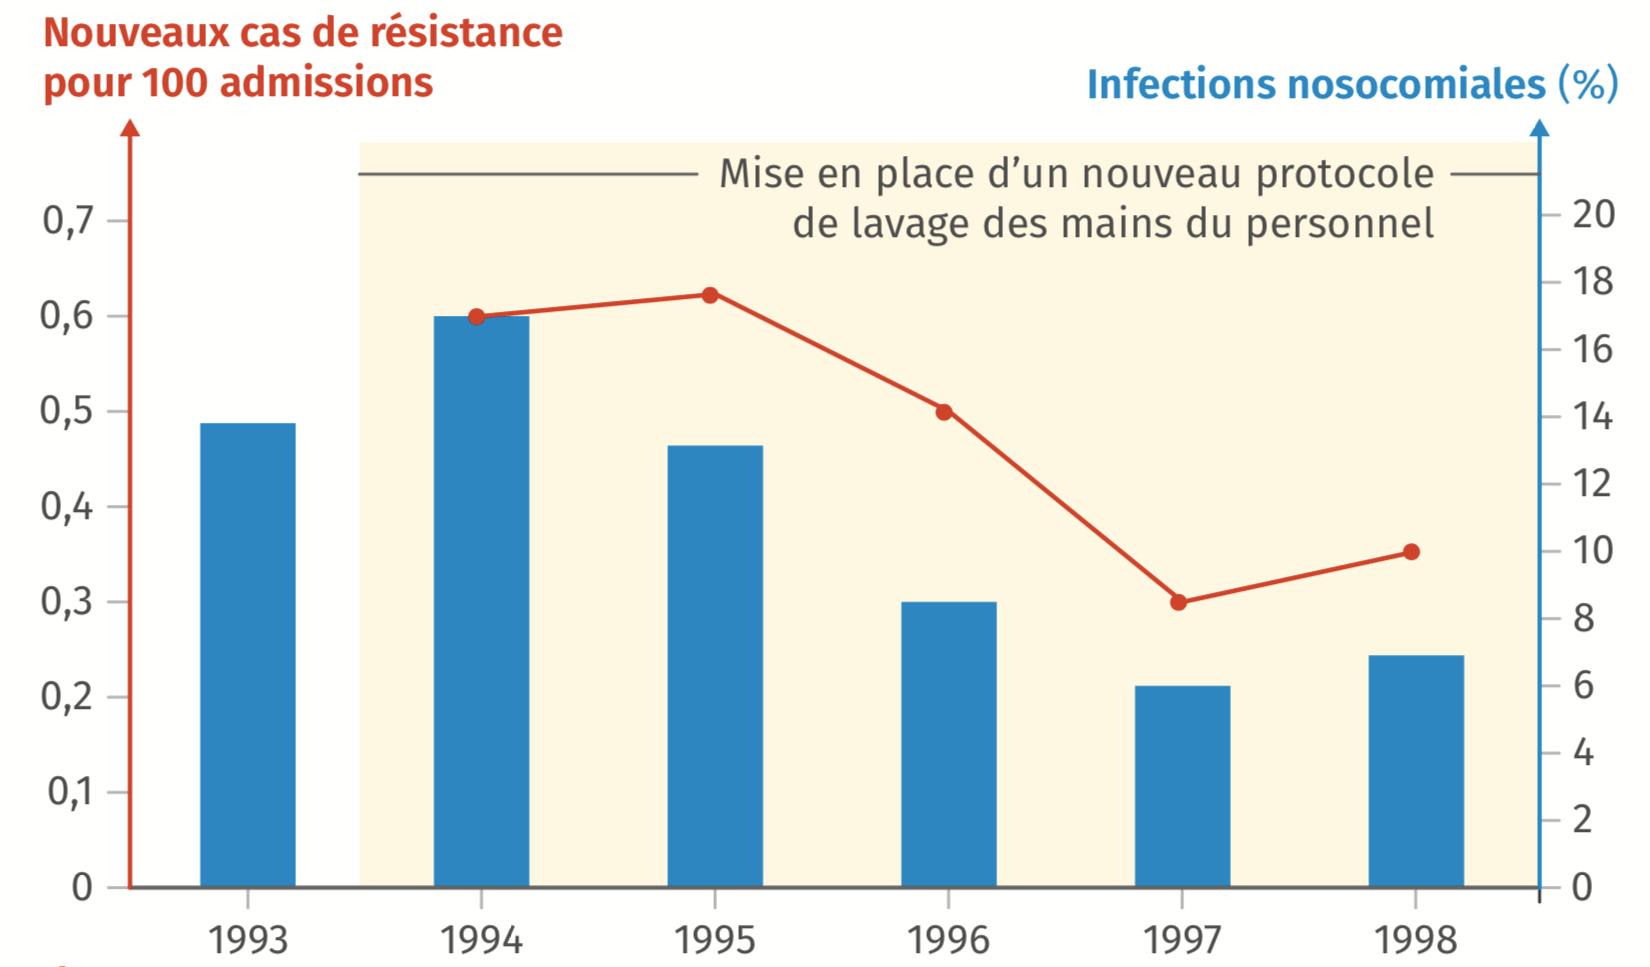 Résistance de S. aureus à un antibiotique en milieu hospitalier